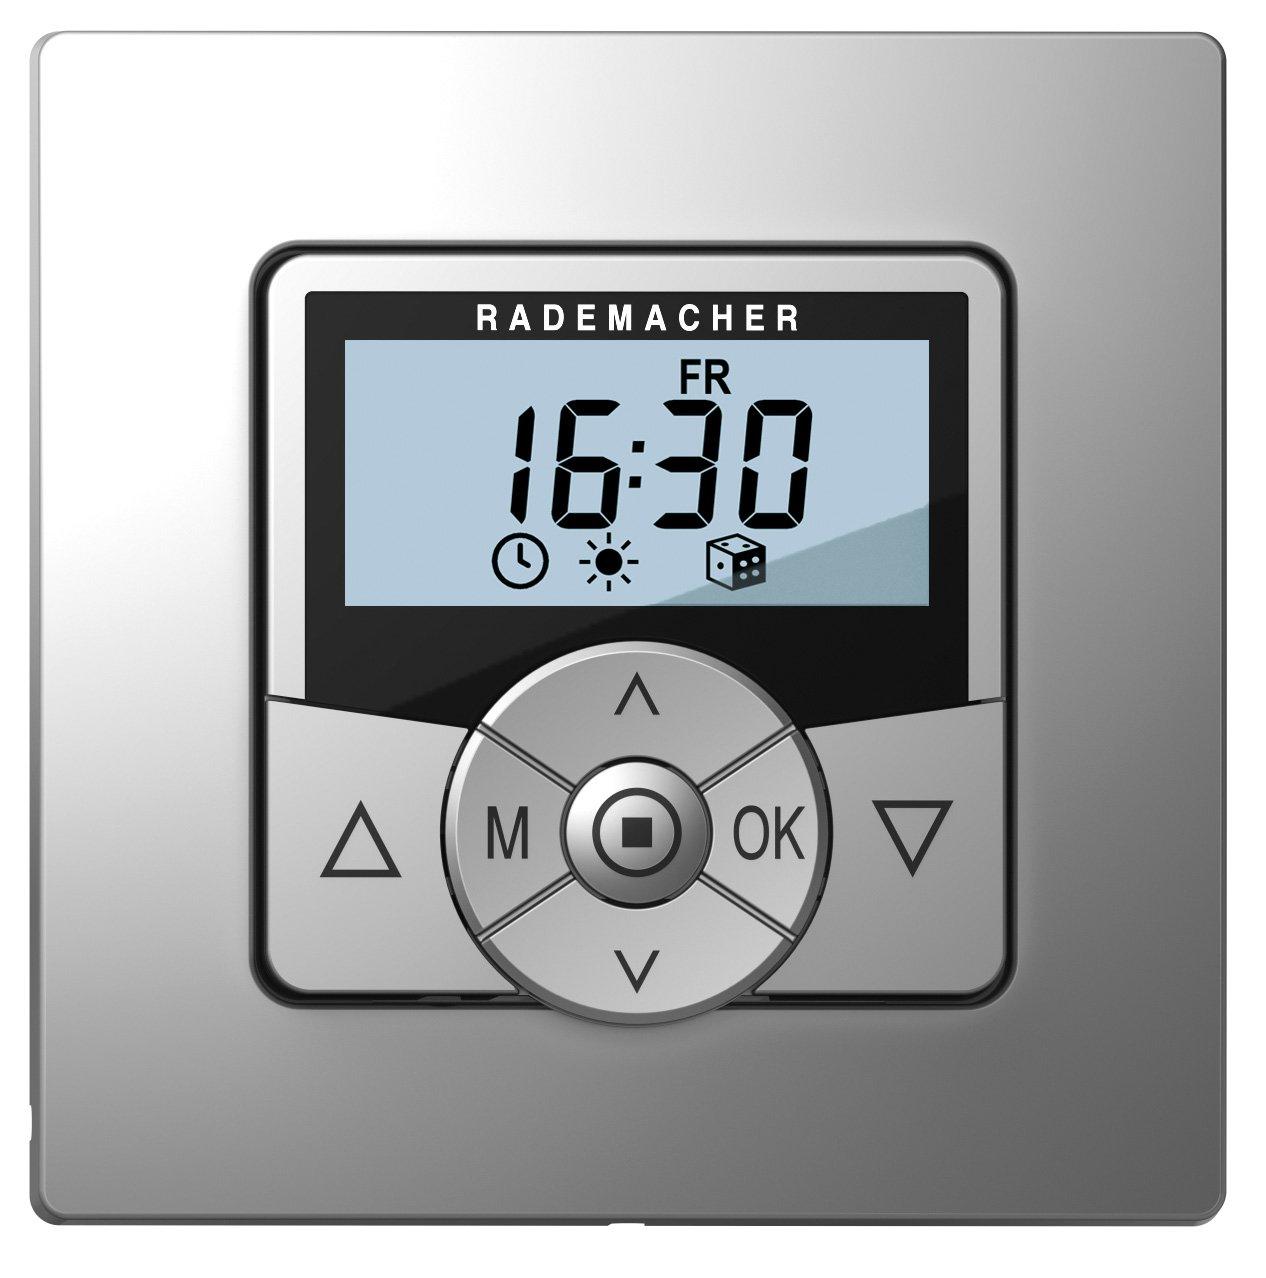 Rademacher 36500522 Troll Comfort, aluminium  BaumarktKundenbewertungen